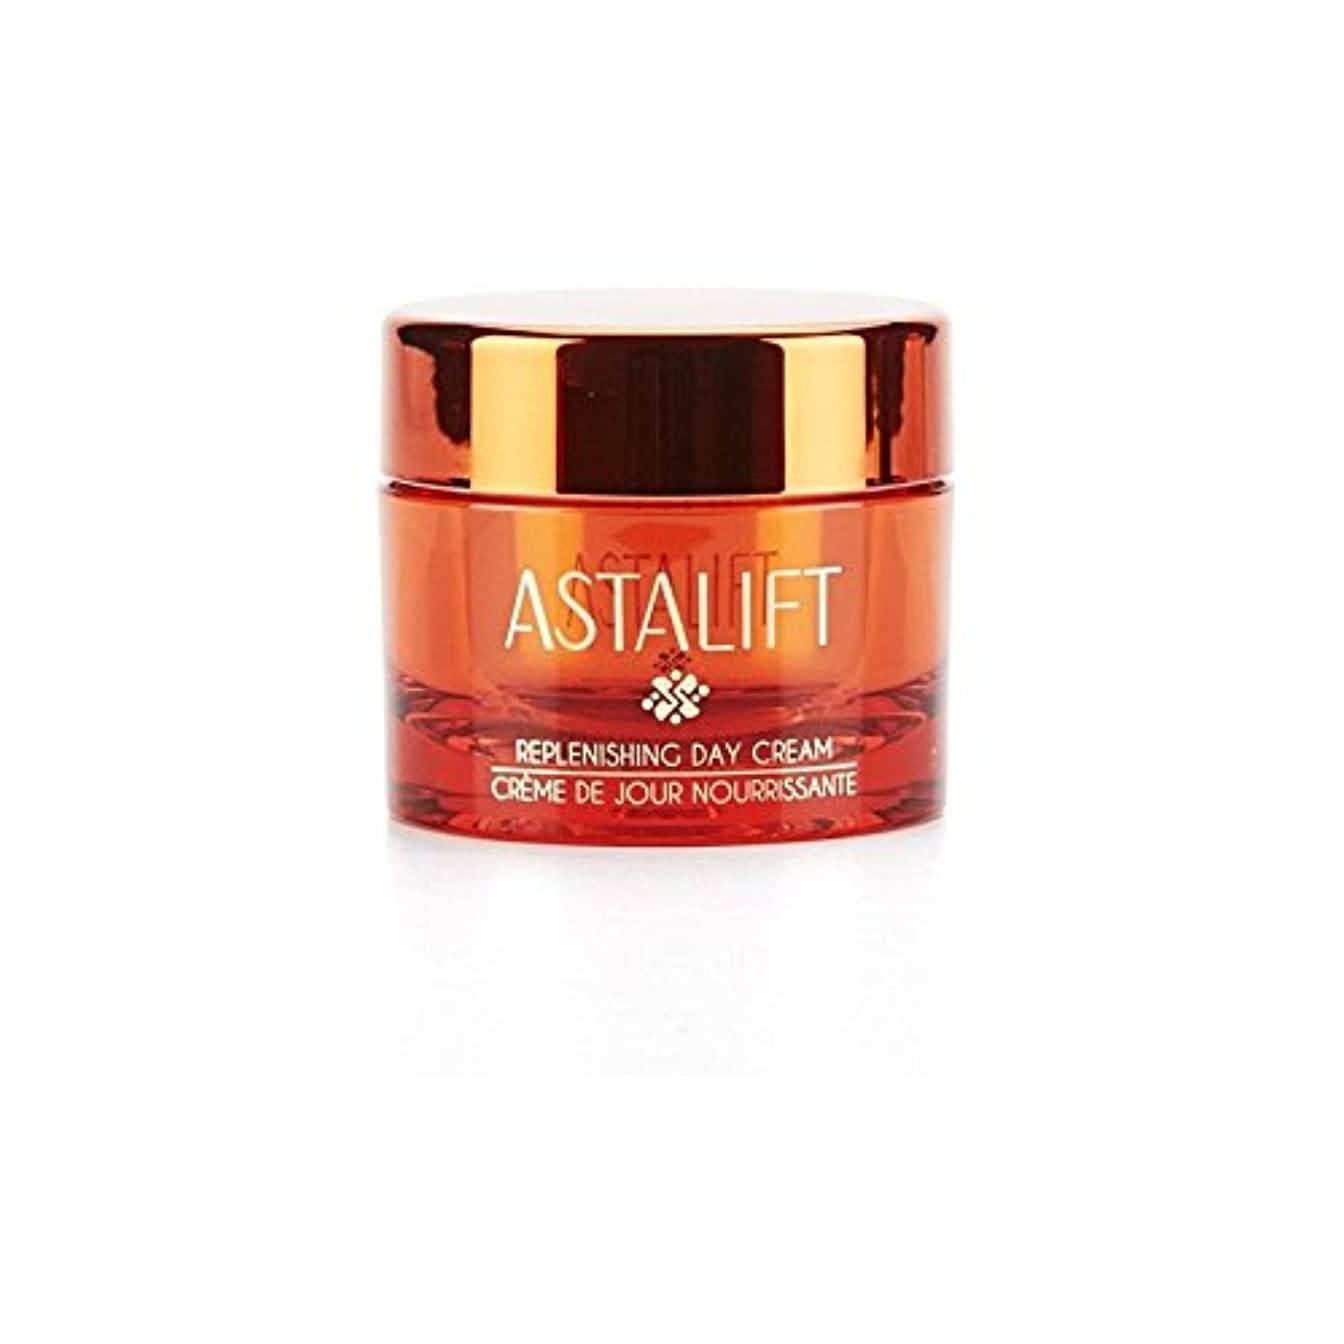 脚本量で契約したアスタリフト補充デイクリーム(30グラム) x4 - Astalift Replenishing Day Cream (30G) (Pack of 4) [並行輸入品]